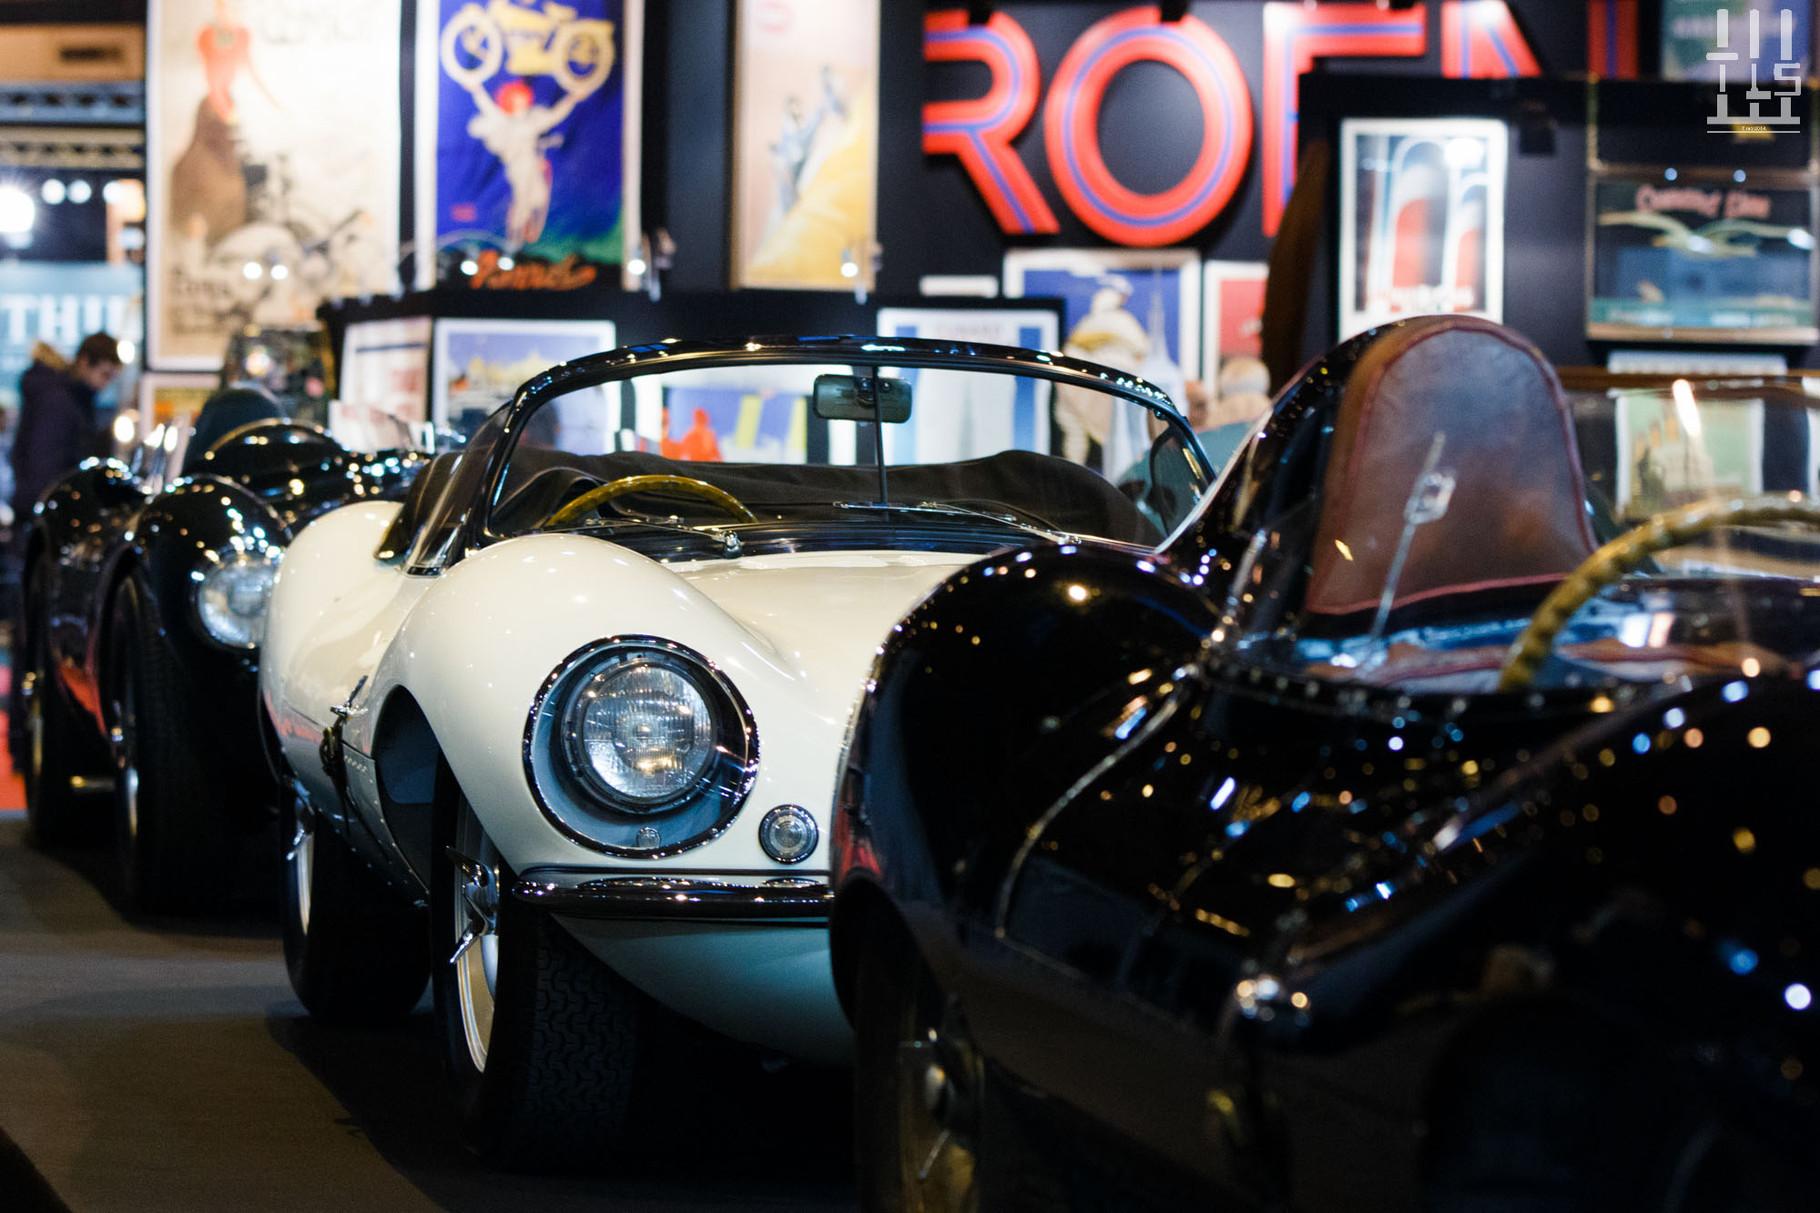 Un autre coup de coeur pour moi dans ce salon, la Jaguar XKSS présente sur la stand de Lukas Hüni, le blanc lui va à merveille !